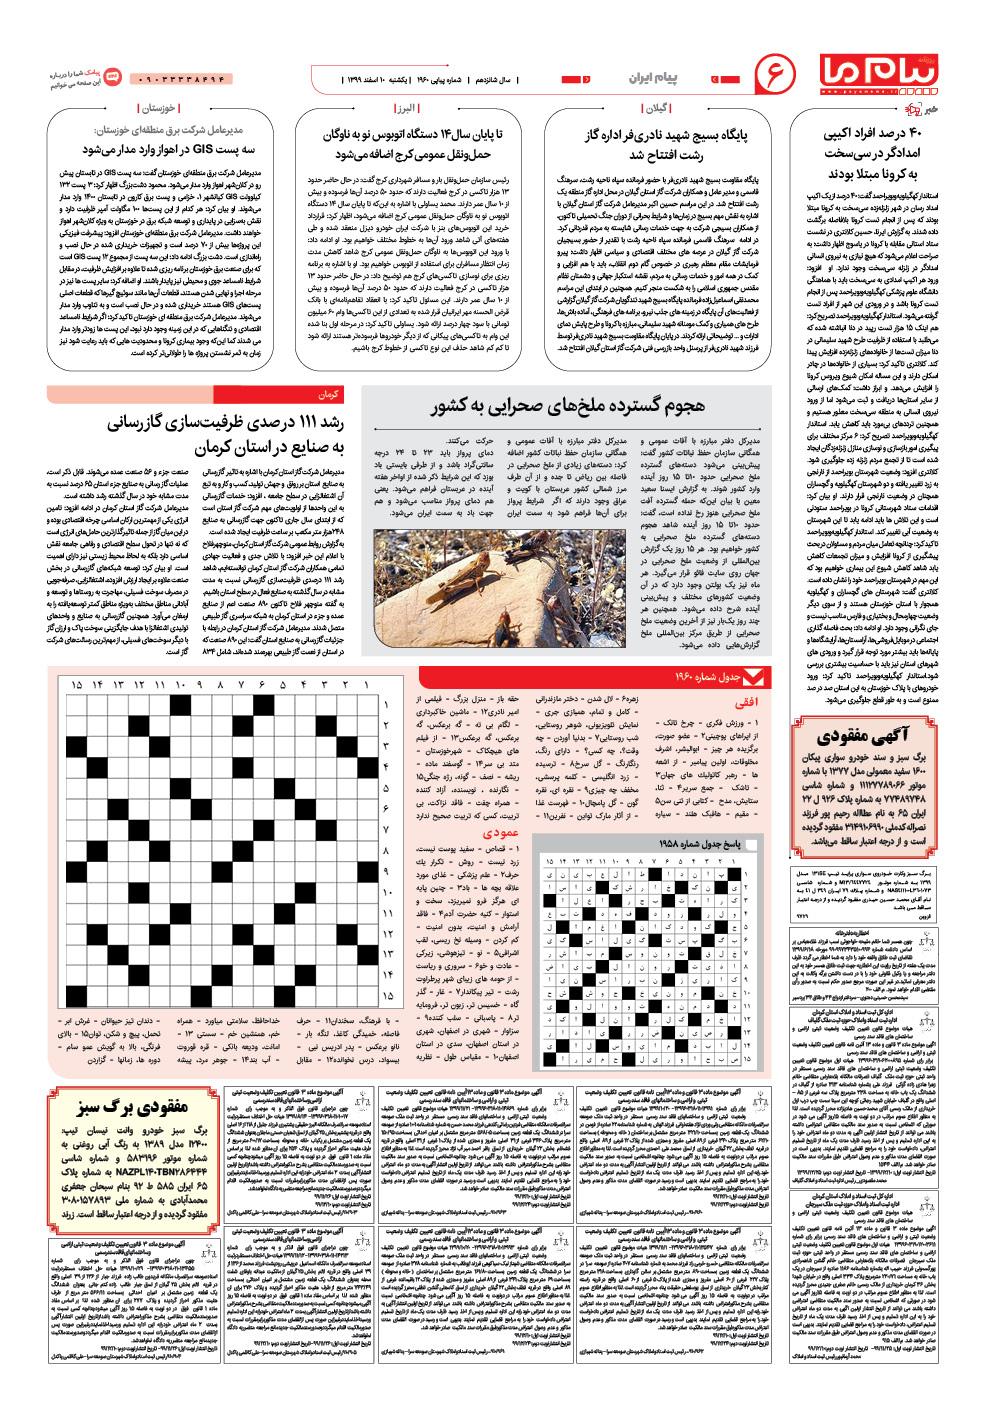 صفحه پیام ایران شماره ۱۹۶۰ روزنامه پیام ما